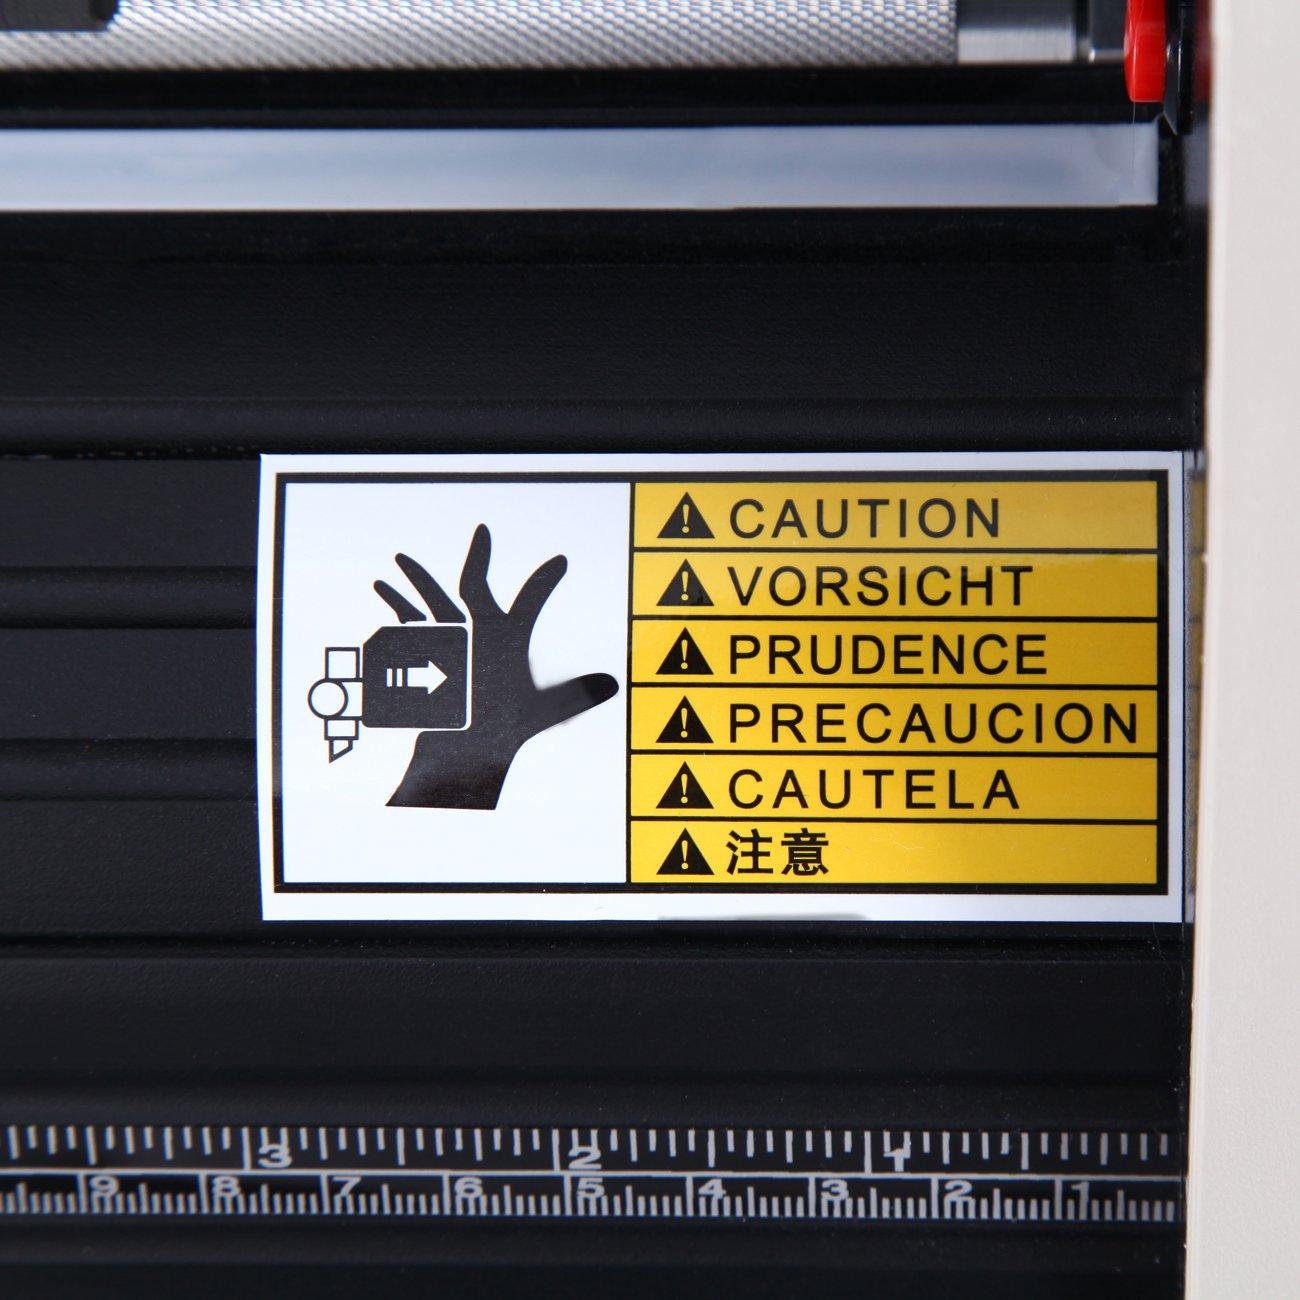 Paneltech 28 inch Cortador de vinilo LCD USB Plóter de corte con escáner vinilo de corte vinilo gráfico Car Wrap Cutting Tool Aplicación: Amazon.es: Hogar